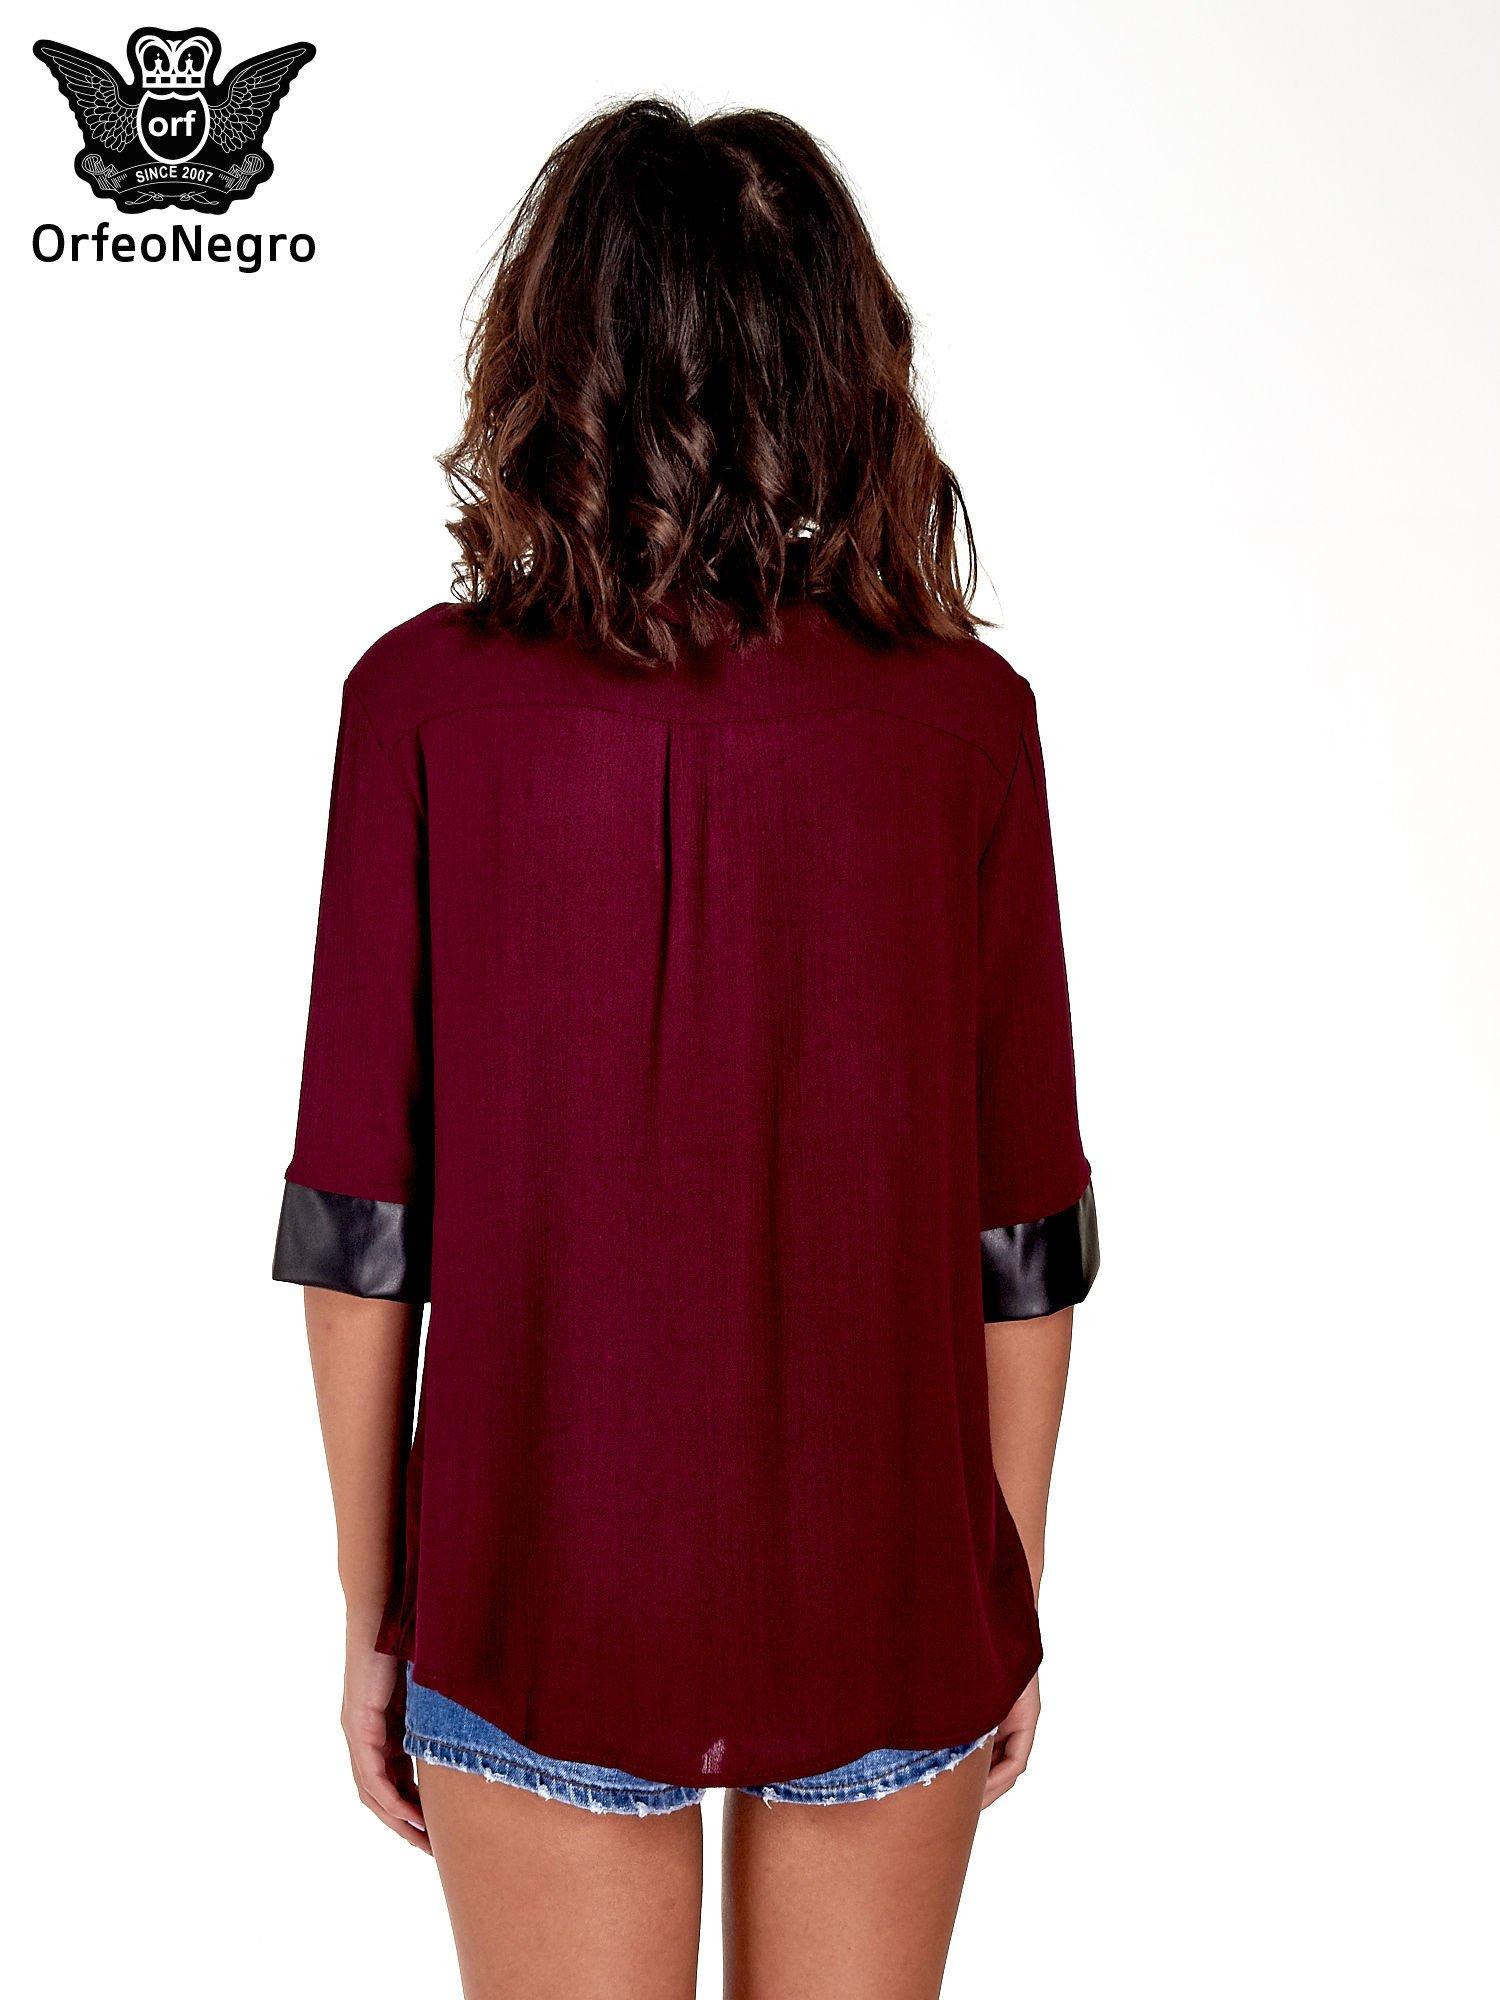 Bordowa koszula ze skórzanymi mankietami                                  zdj.                                  4